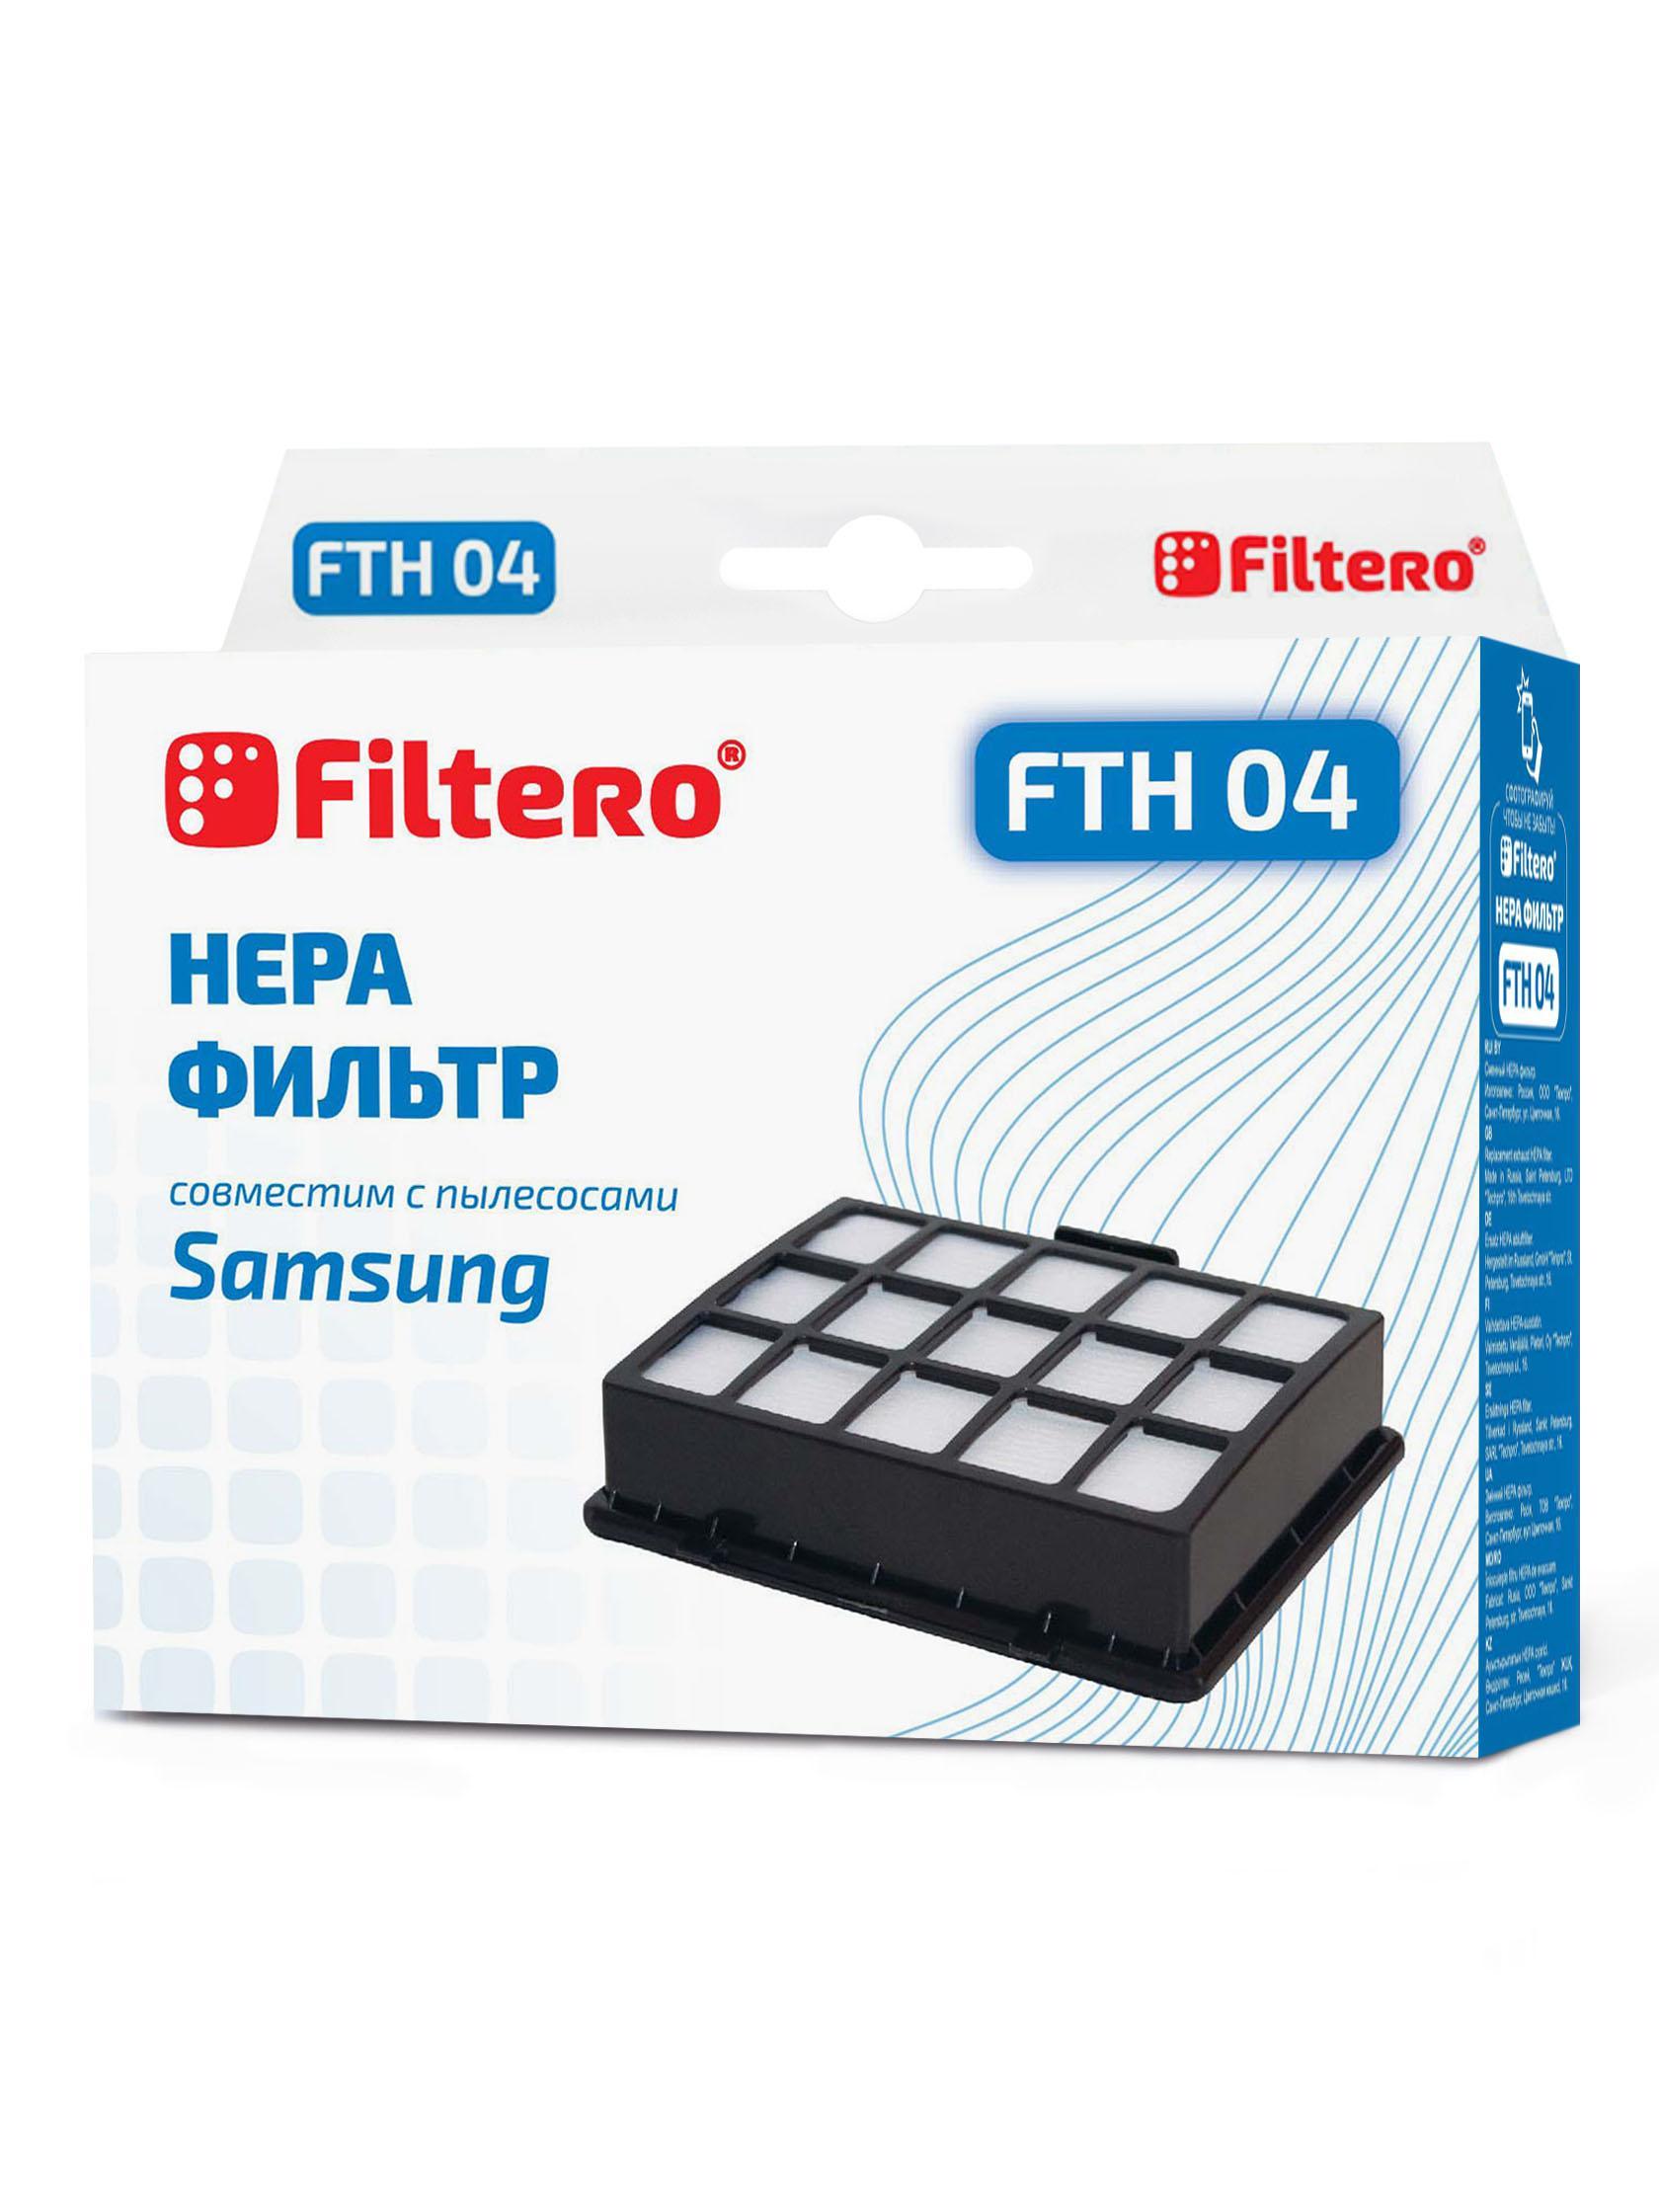 Фильтр Filtero Fth 04 sam фильтр filtero fth 33 sam